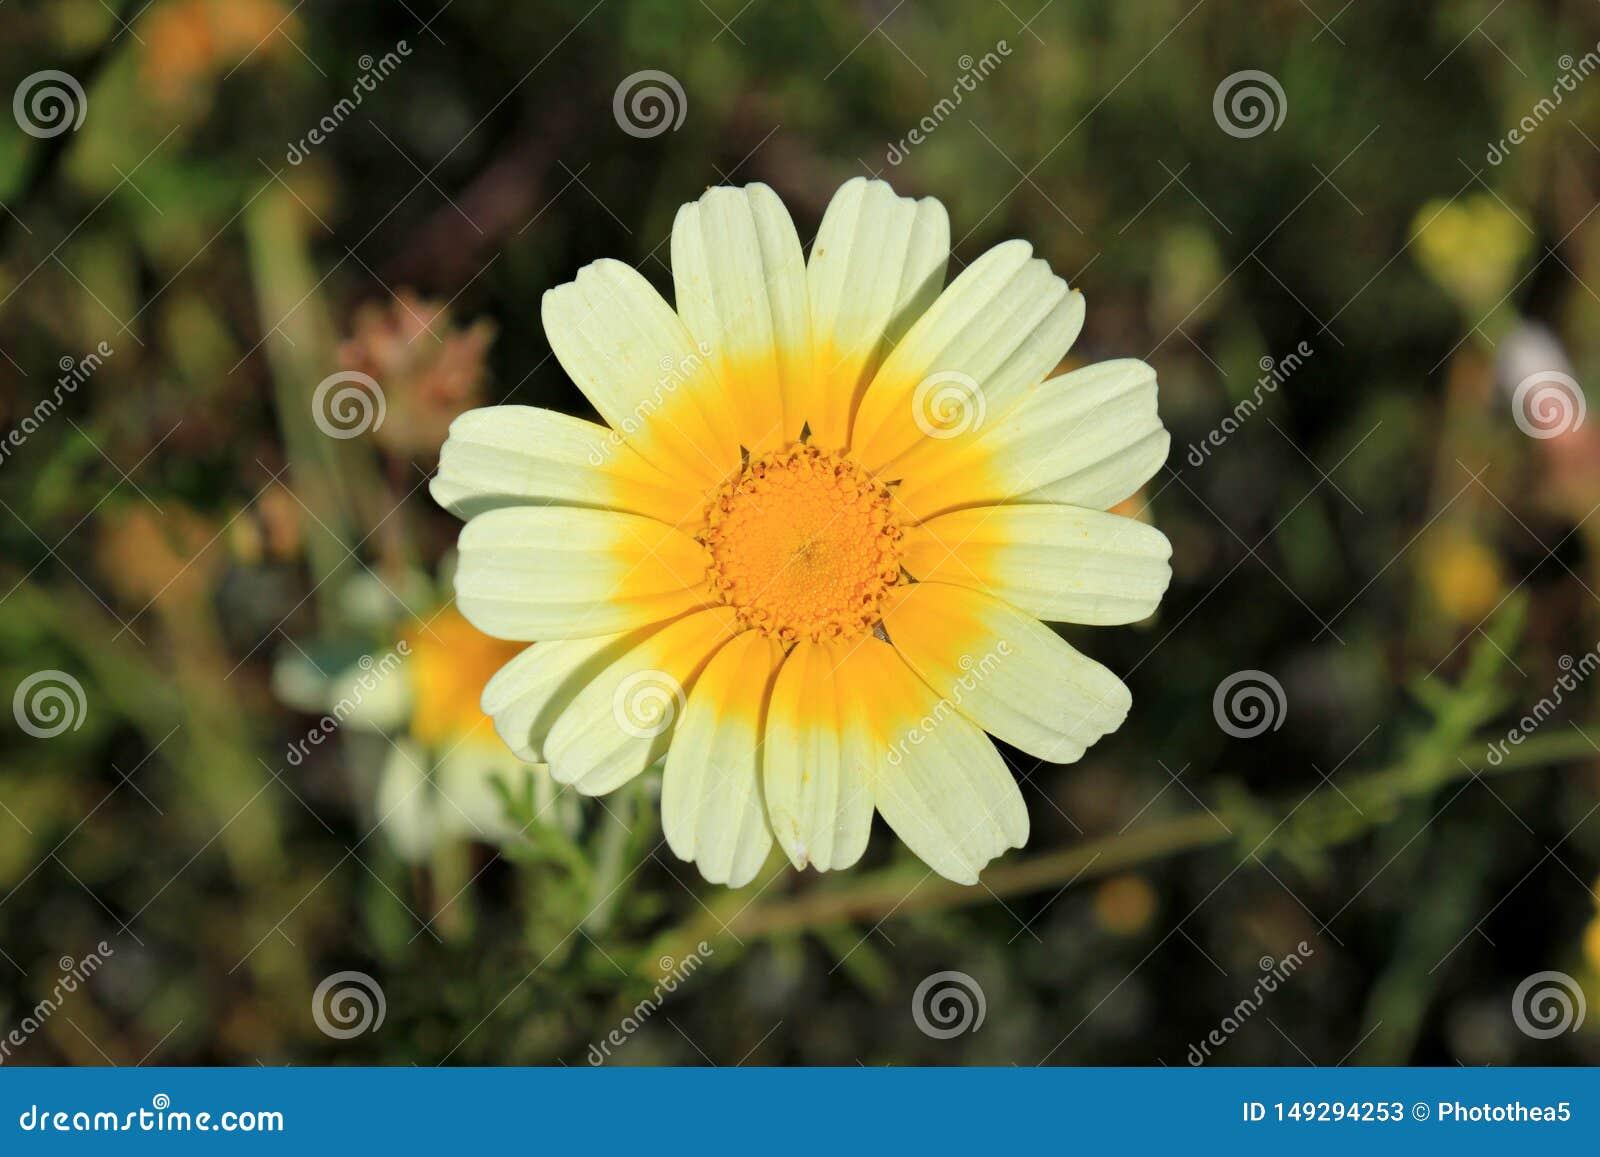 Белая и желтая маргаритка весной